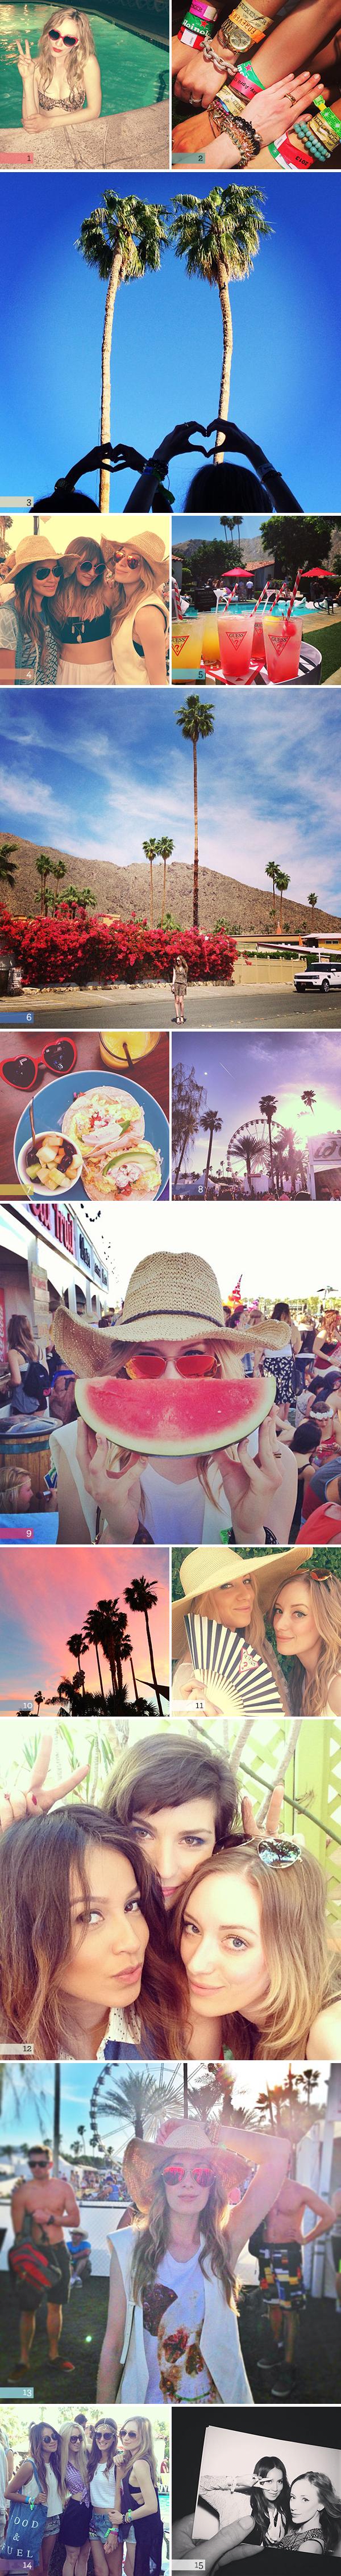 eatsleepwear_2013-04-15-Instagram